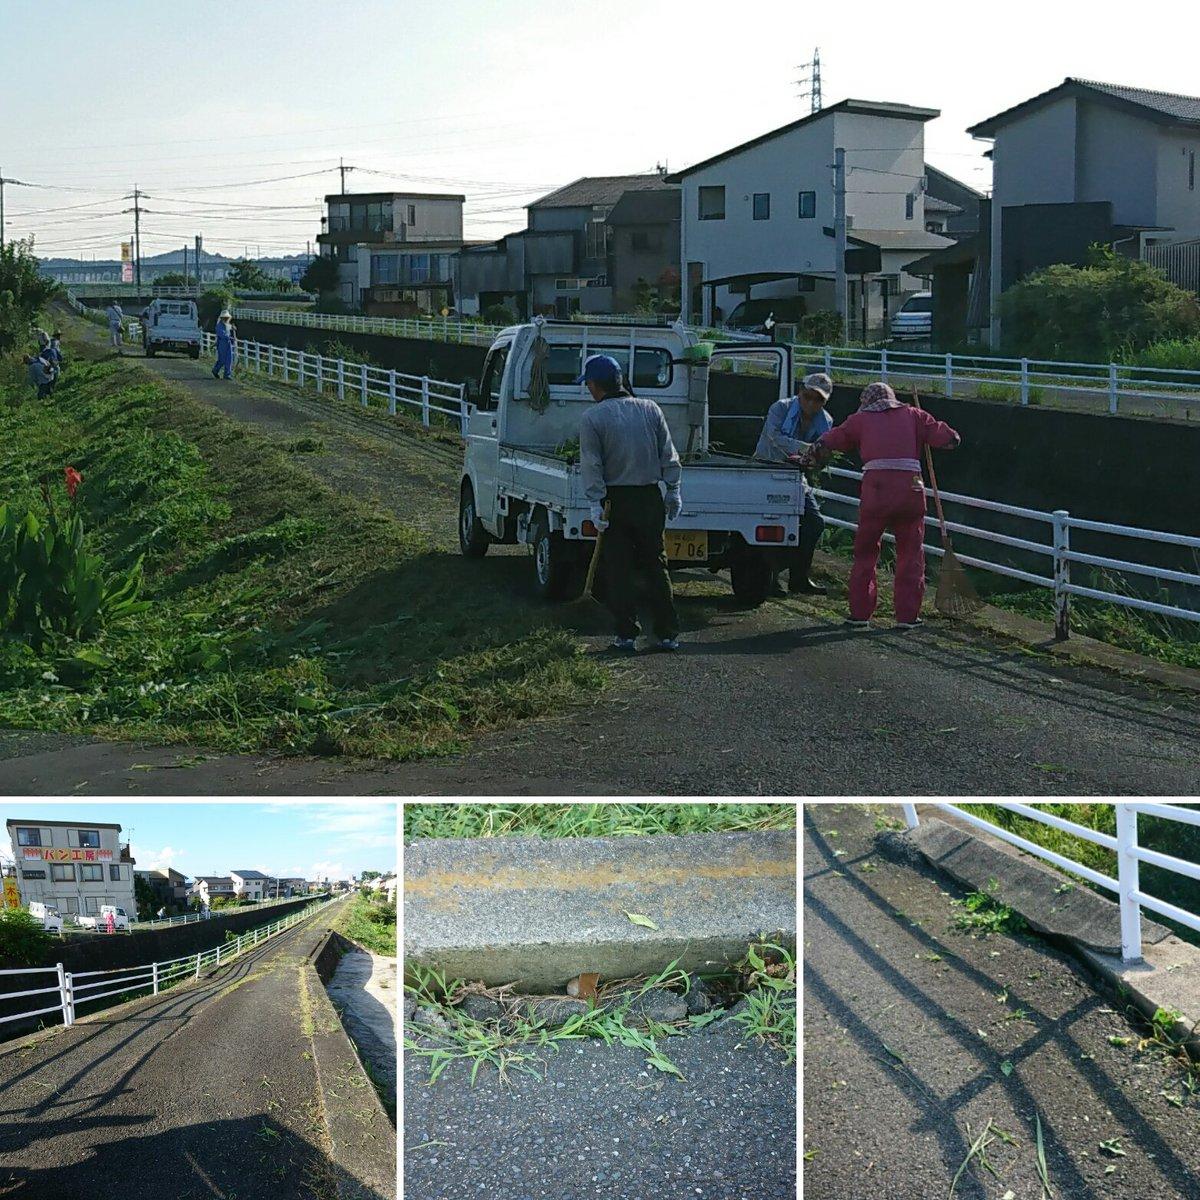 まつり鳥栖で一時間ほど過ごし。次は、除草作業☆<br /> 真木町の皆様の除草活動のおかげで用水路沿いは、すっかり綺麗に✨皆様に感謝私は松葉ほうきで、刈り取った草を集めトラックに積む作業をしましたが、これが結構重労働<br /> あちこちで道路陥没あるが改善されていない。道路整備遅れの課題がある。